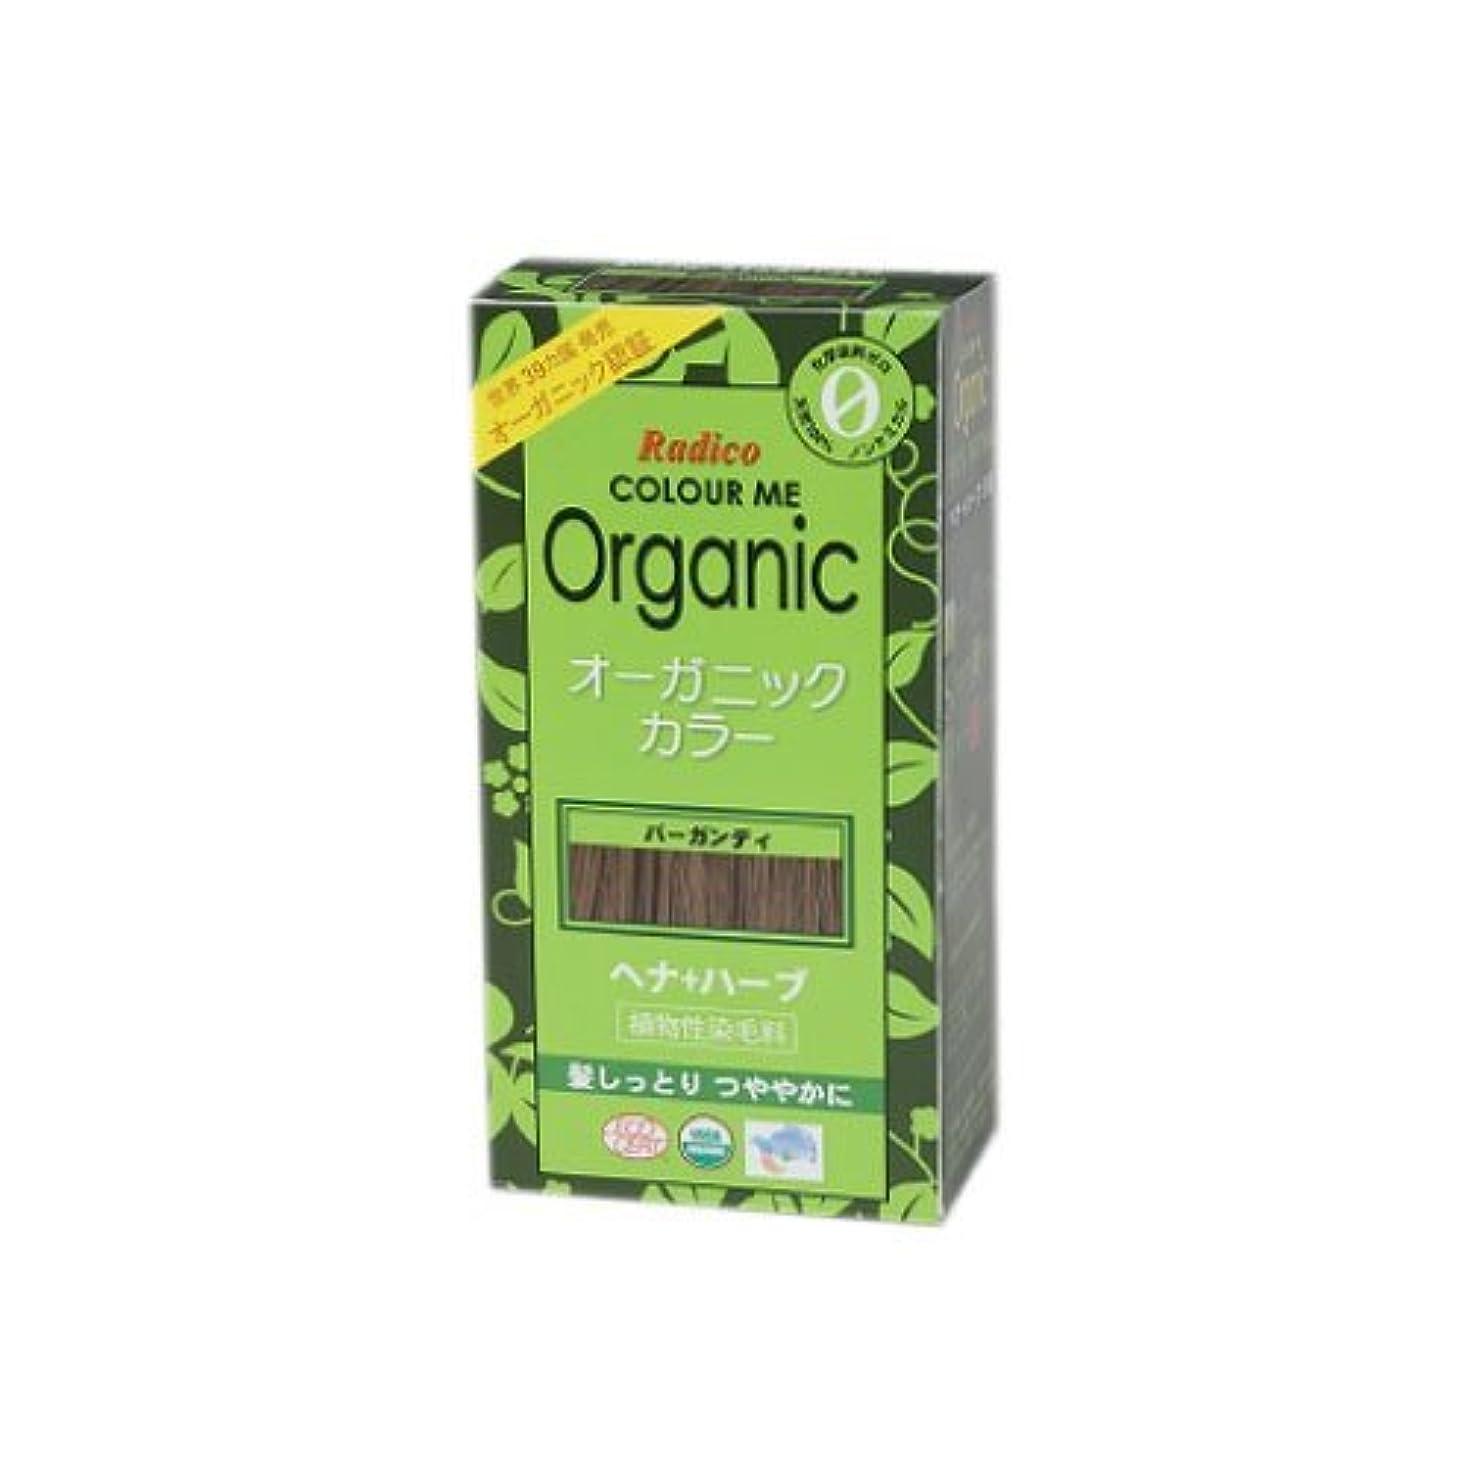 忠実なインゲン弱まるCOLOURME Organic (カラーミーオーガニック ヘナ 白髪用) バーガンディ 100g